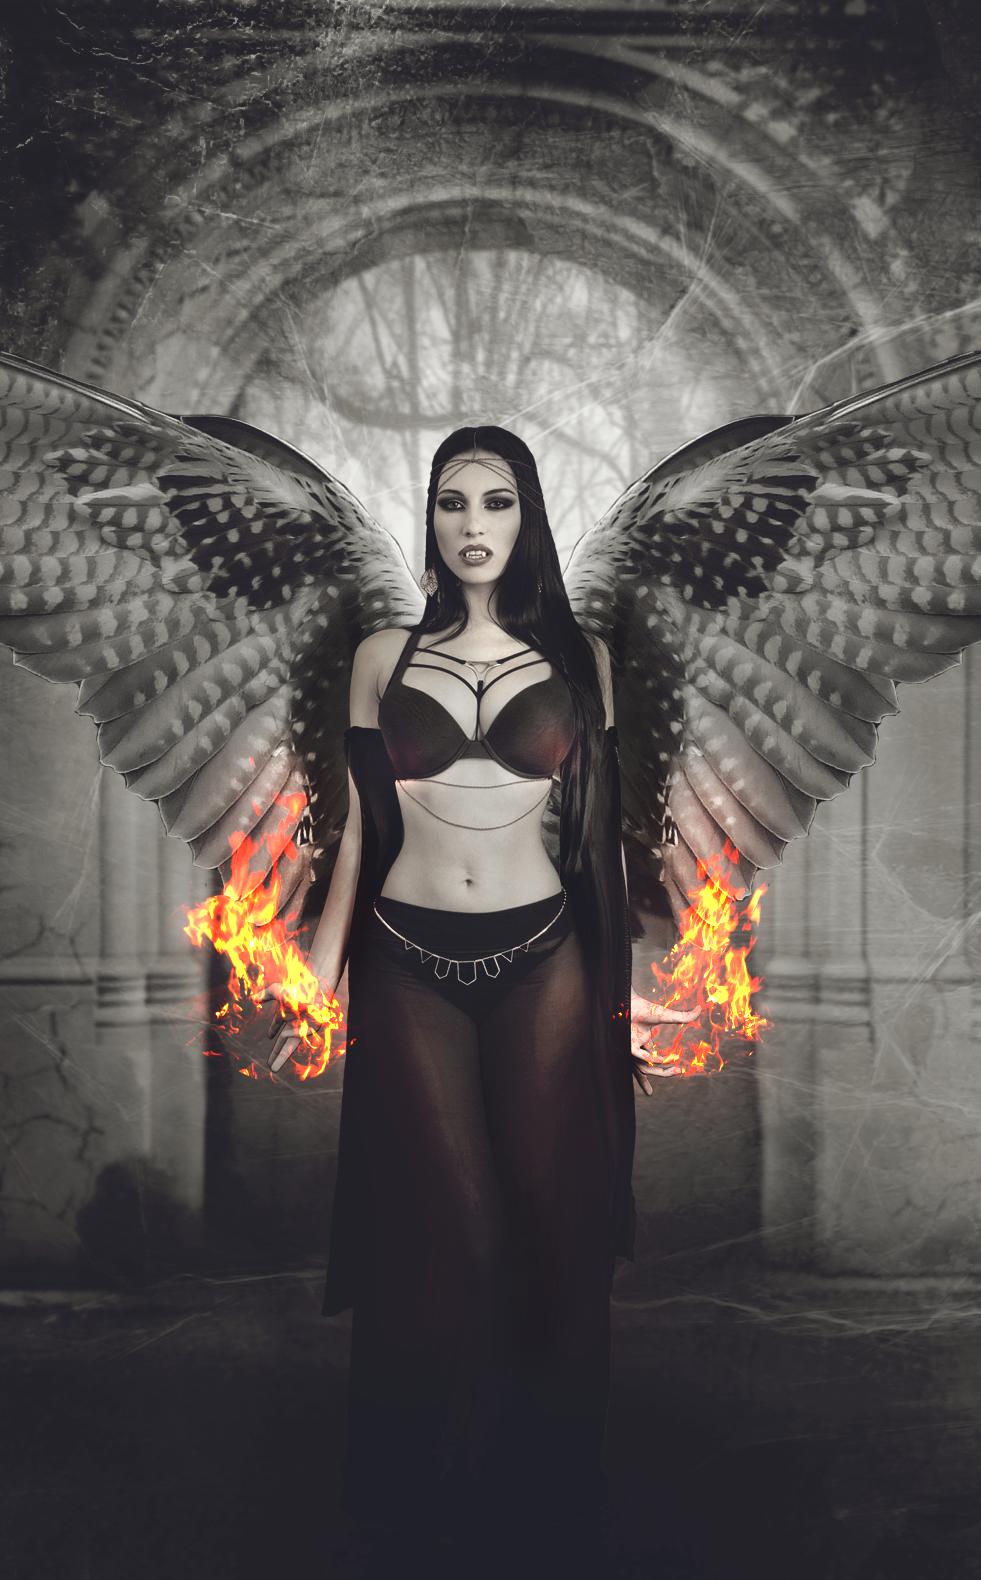 wings of fire wallpaper